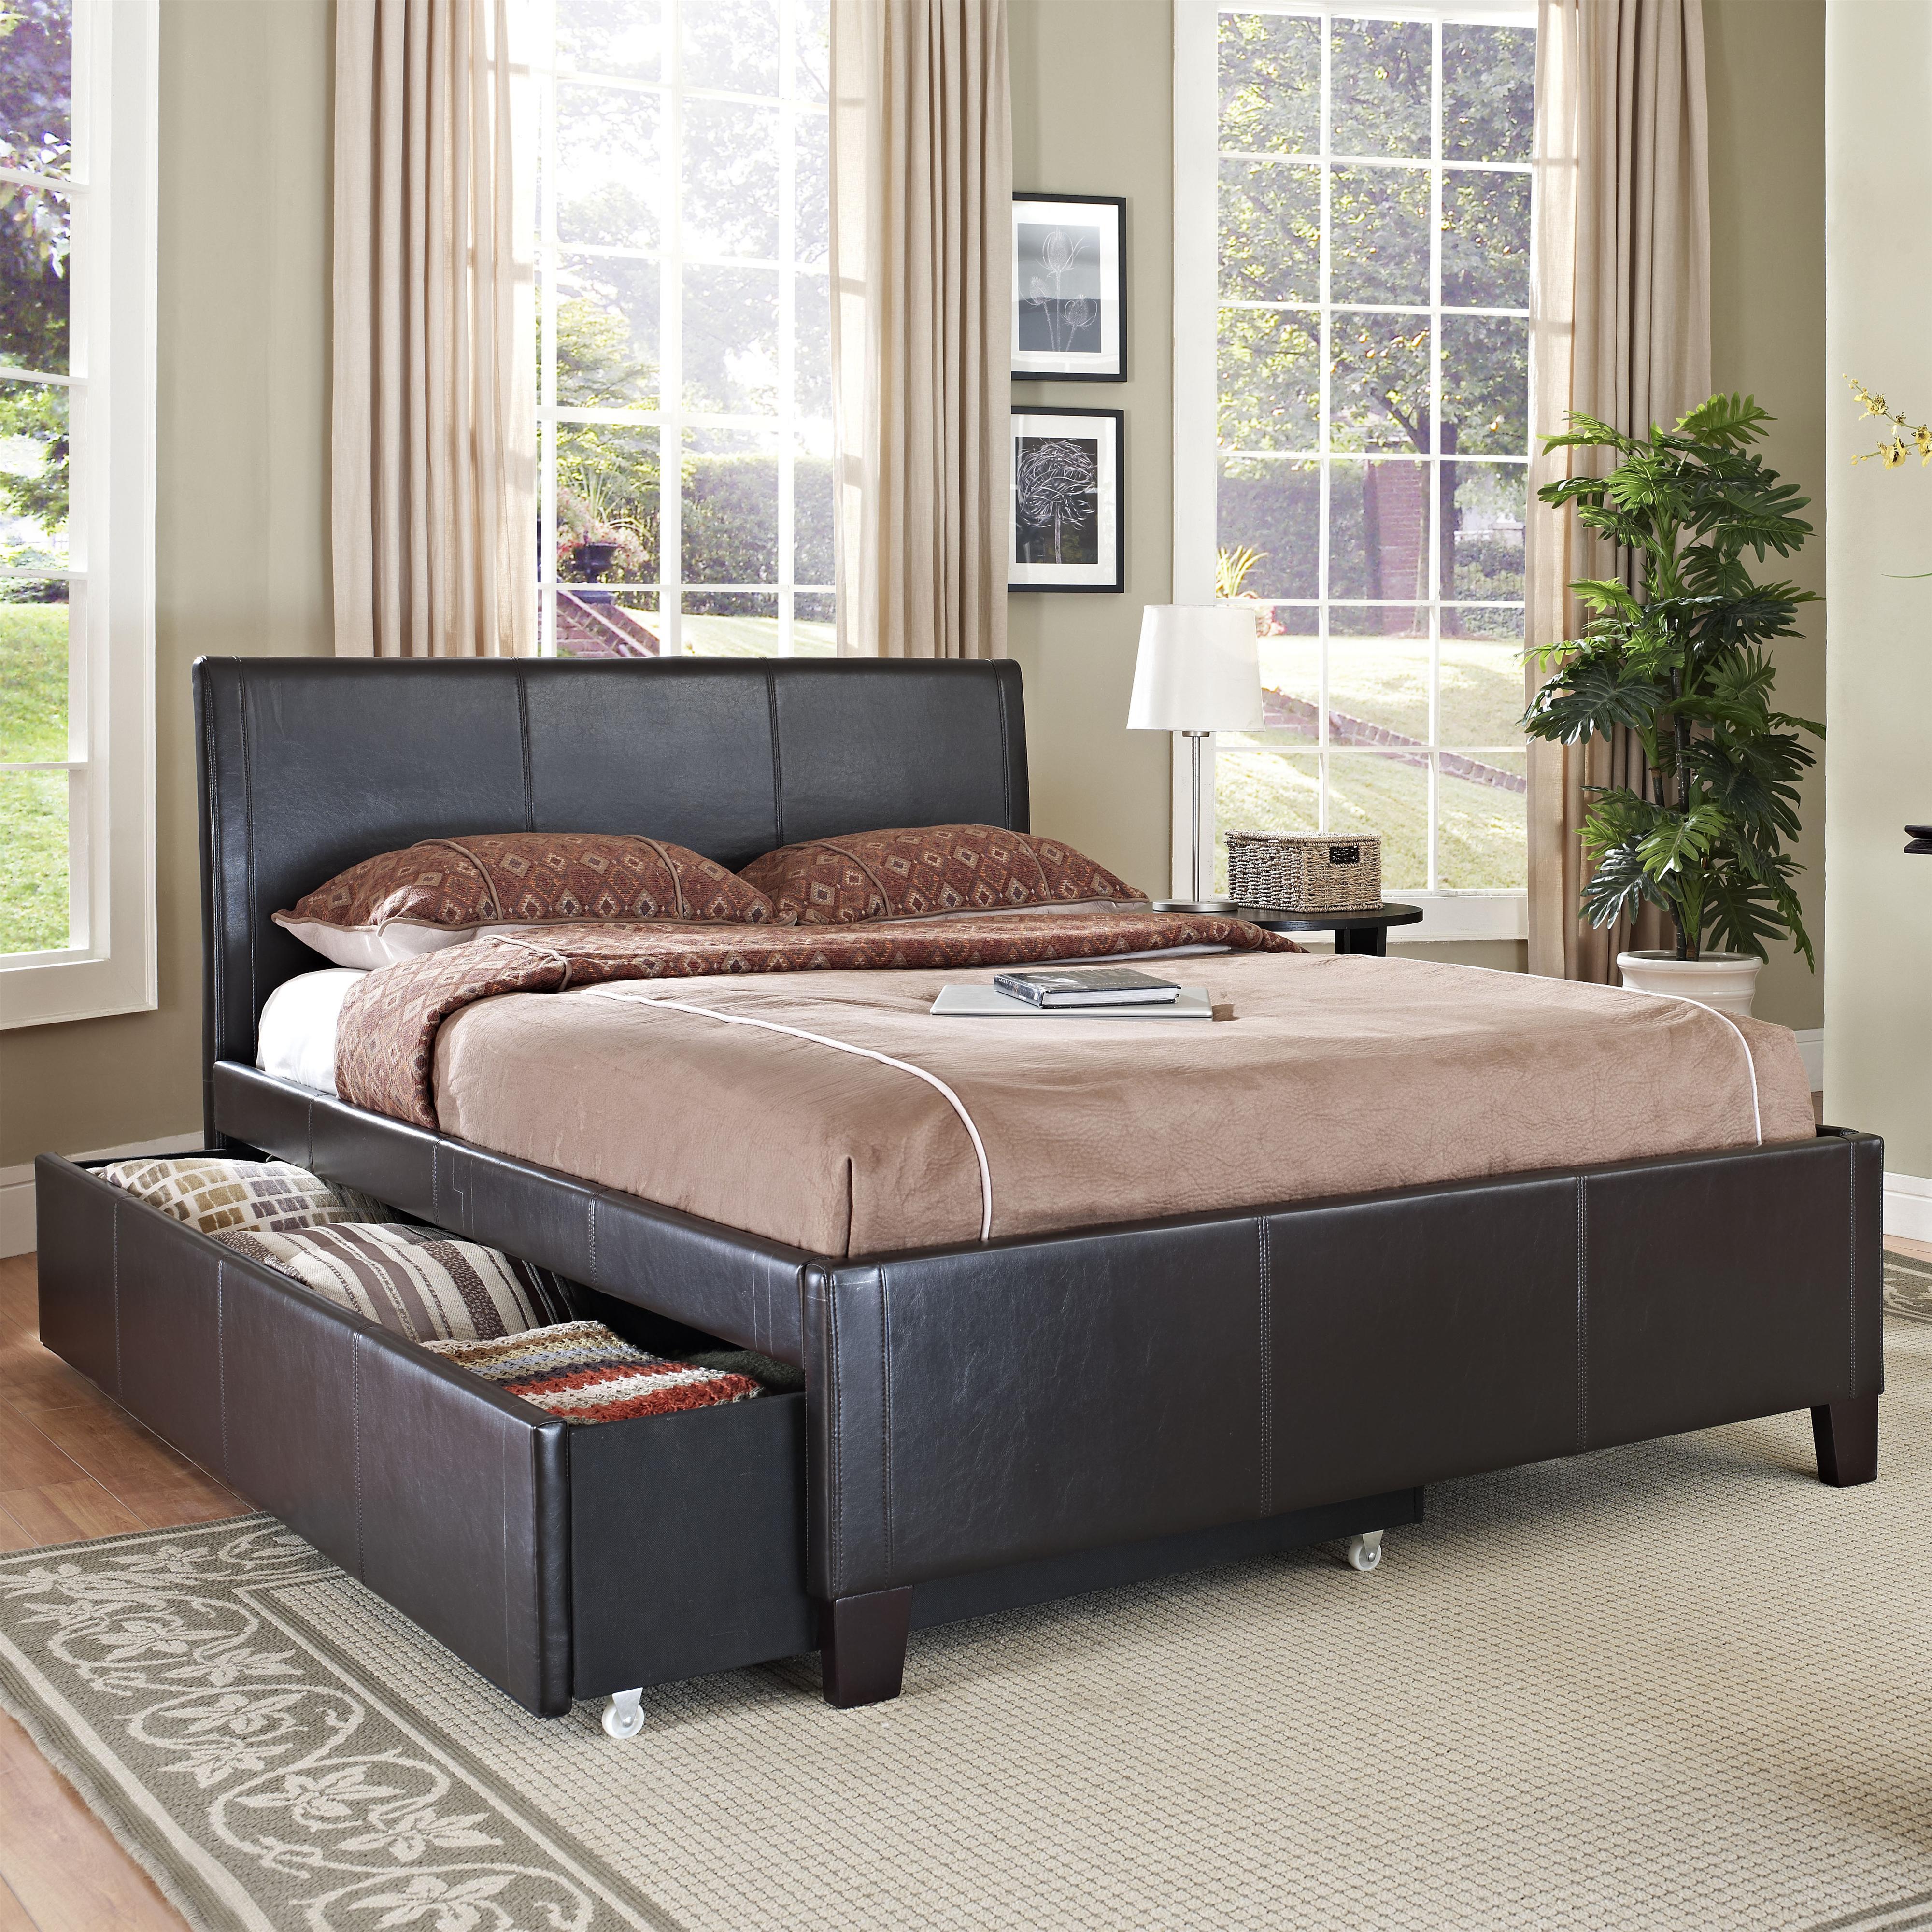 Standard Furniture New York Full Brown Trundle Bed Olinde 39 S Furniture Upholstered Bed